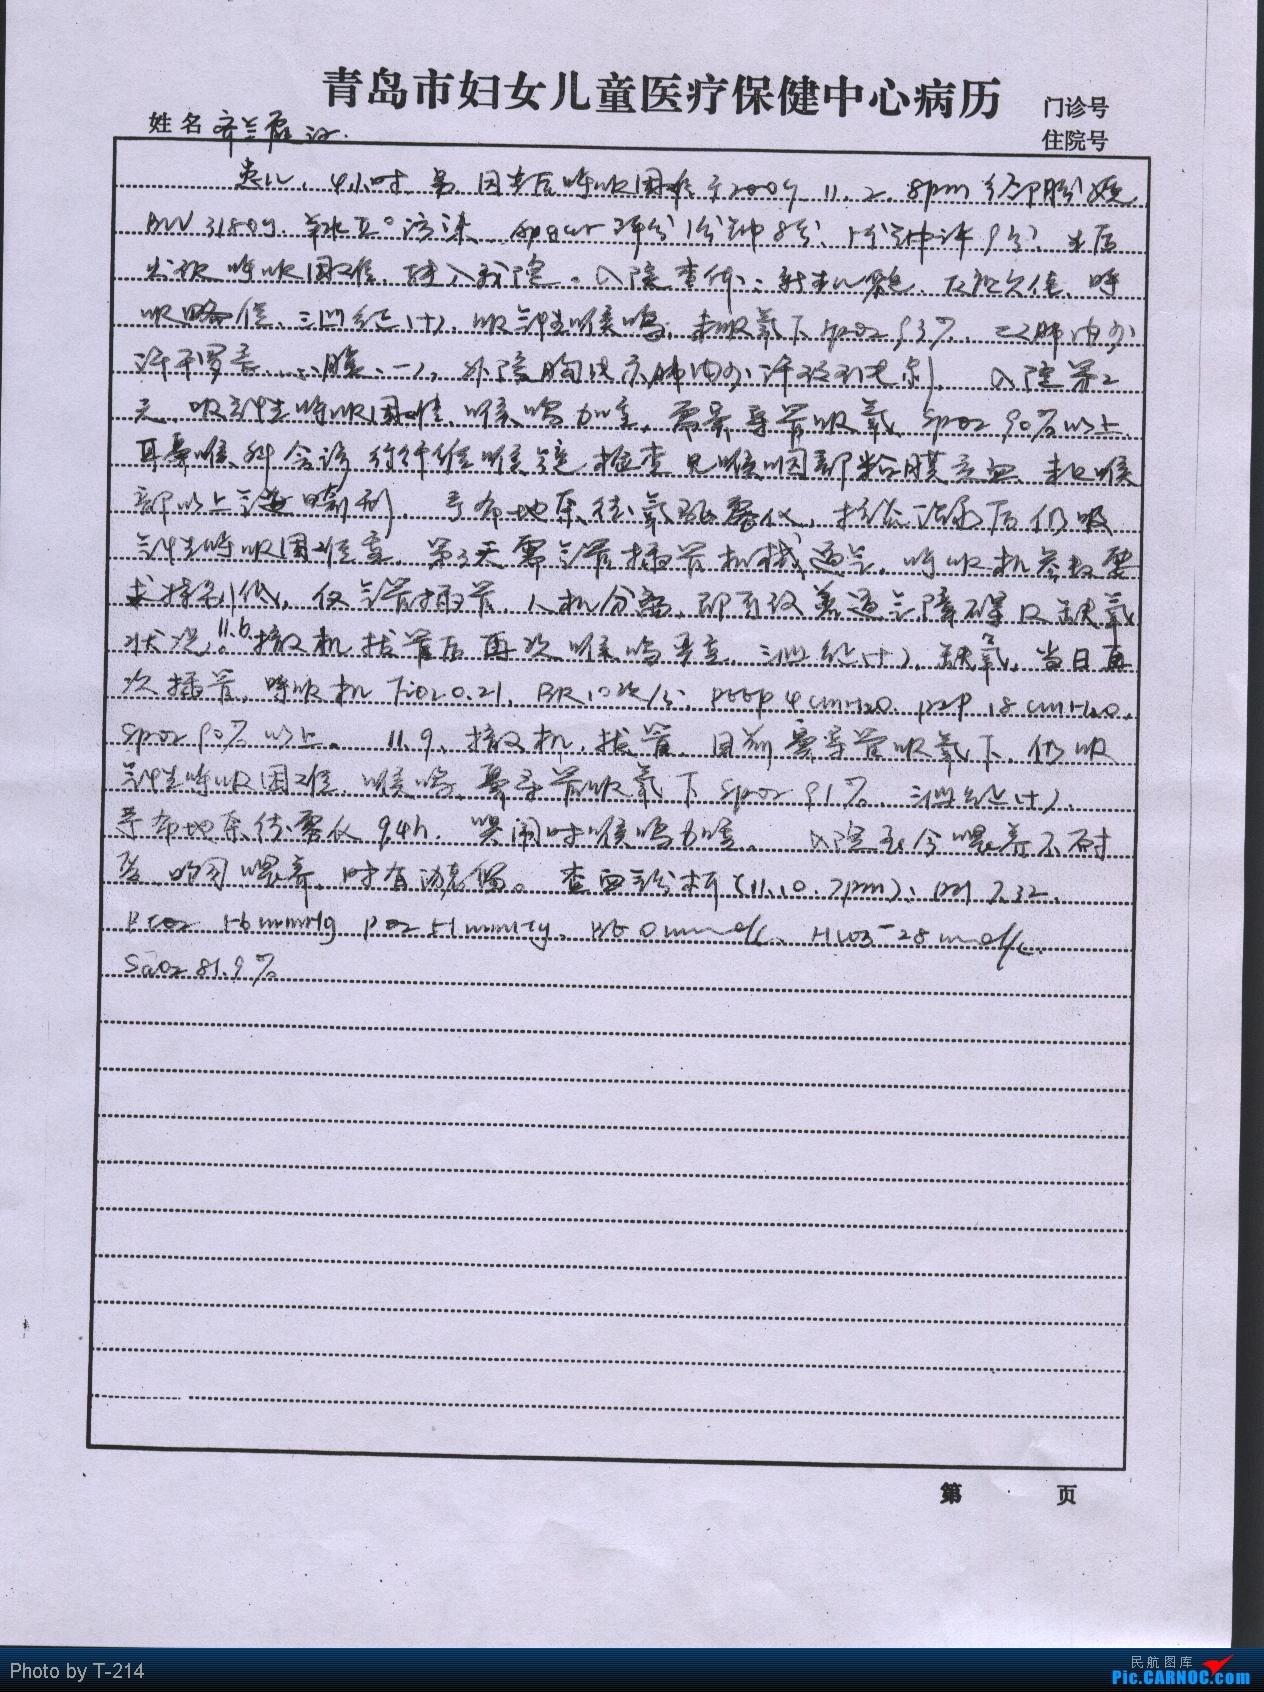 Re:[原创]香港政府飛行服務隊的開放日, 顯然我沒有理會到主人家